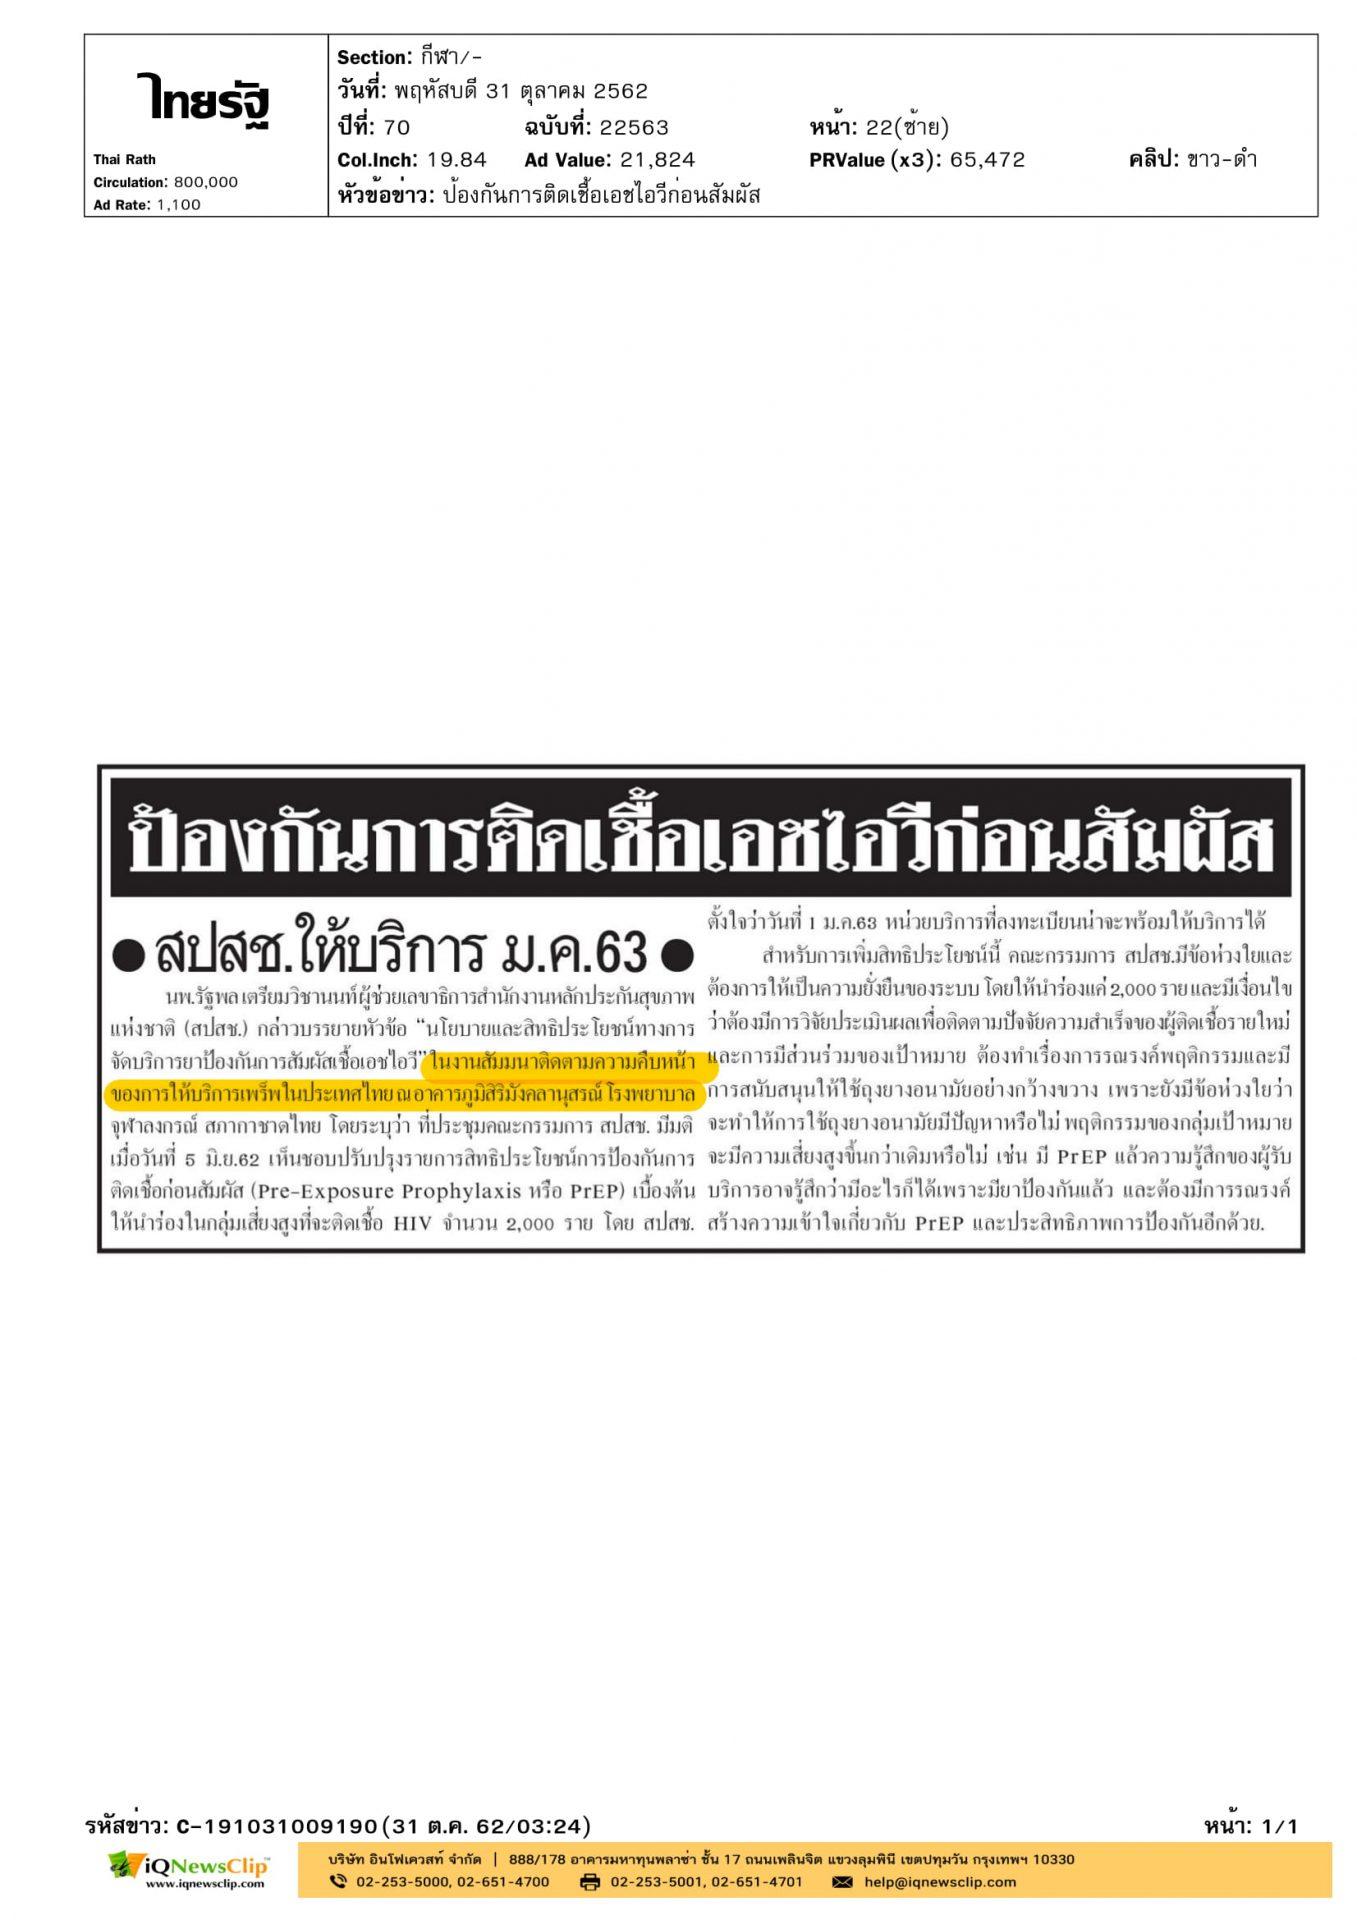 ความคืบหน้าของการให้บริการเพร็พในประเทศไทย